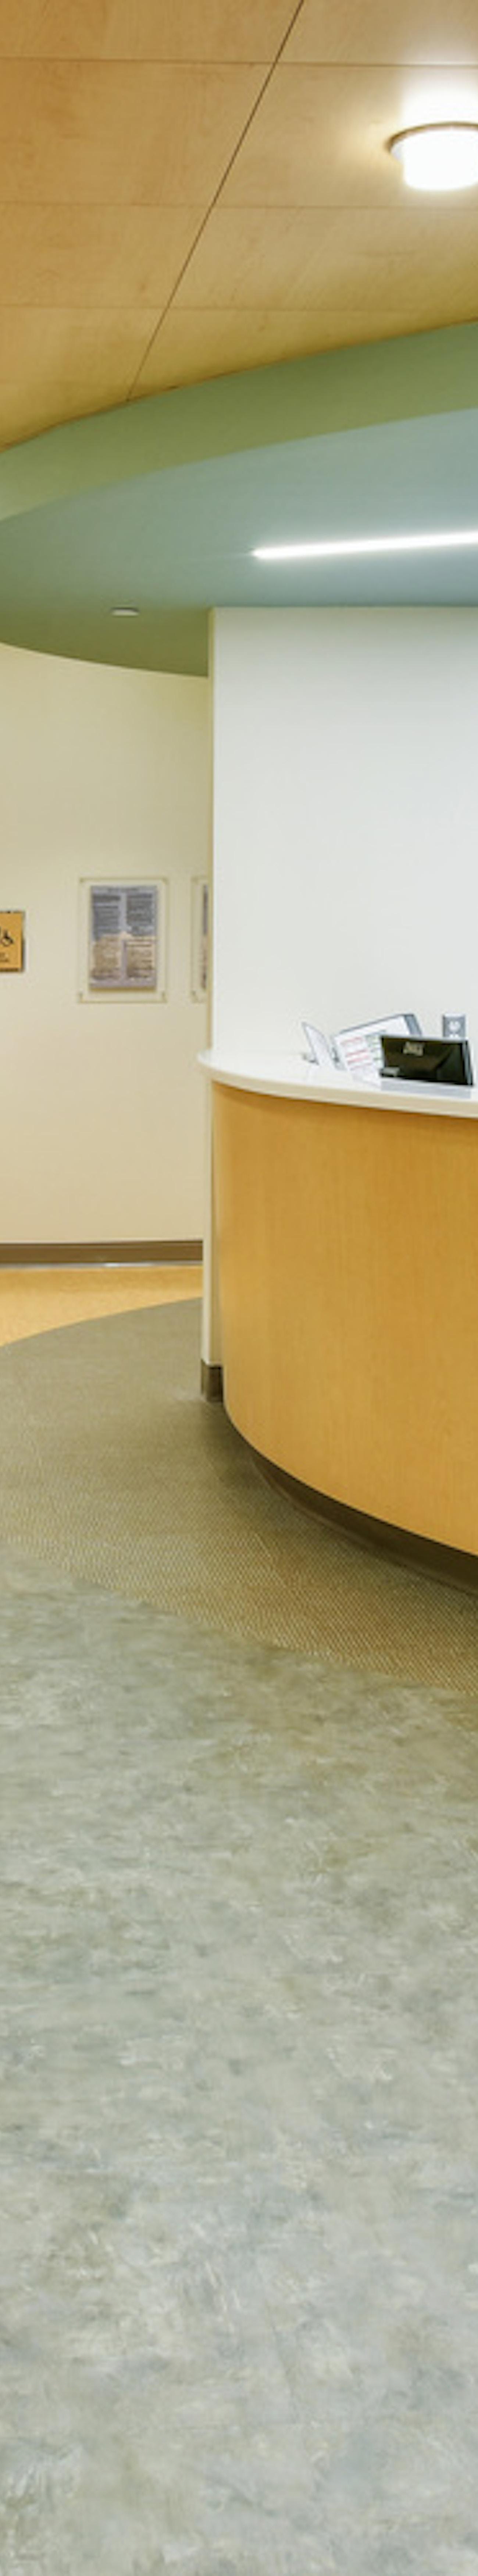 Joe Arrington Cancer Center